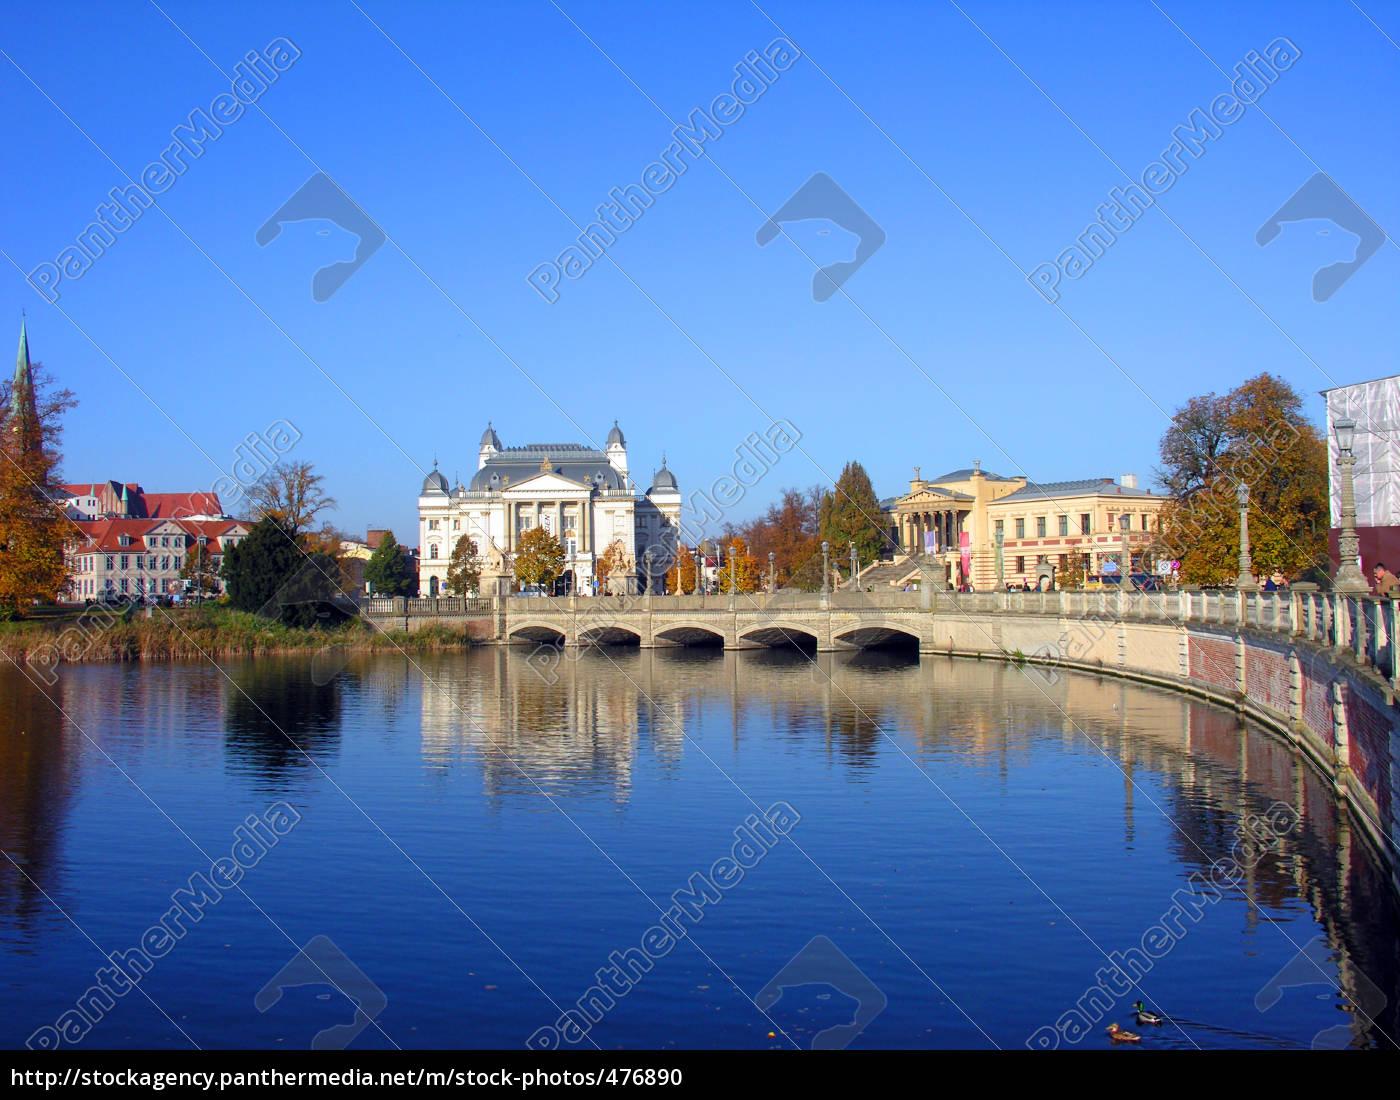 the, castle, of, schwerin - 476890